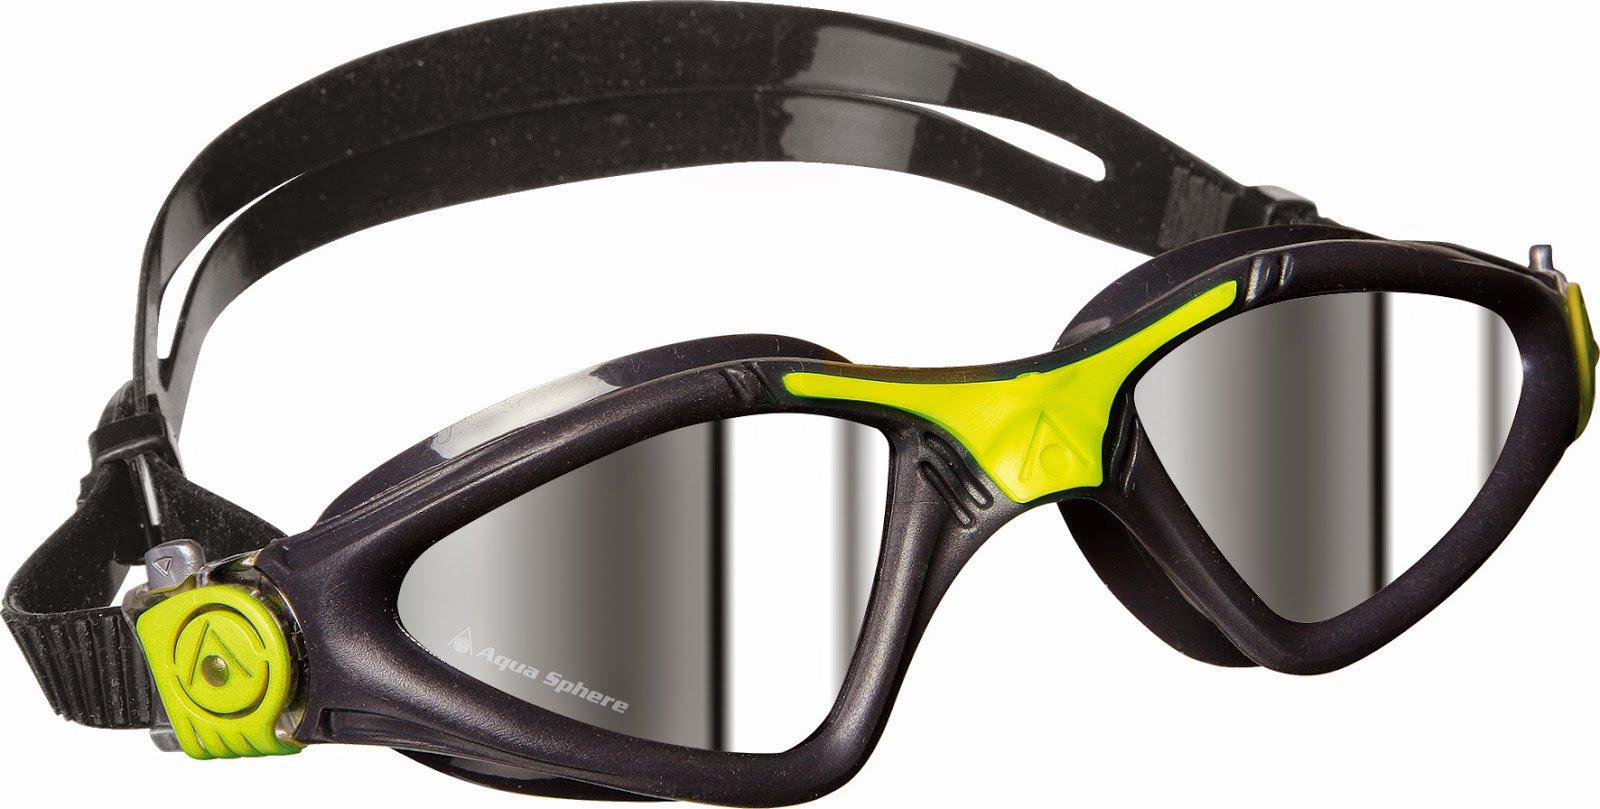 Des lunettes pour un confort parfait en piscine voyager - Lunettes de piscine correctrices ...